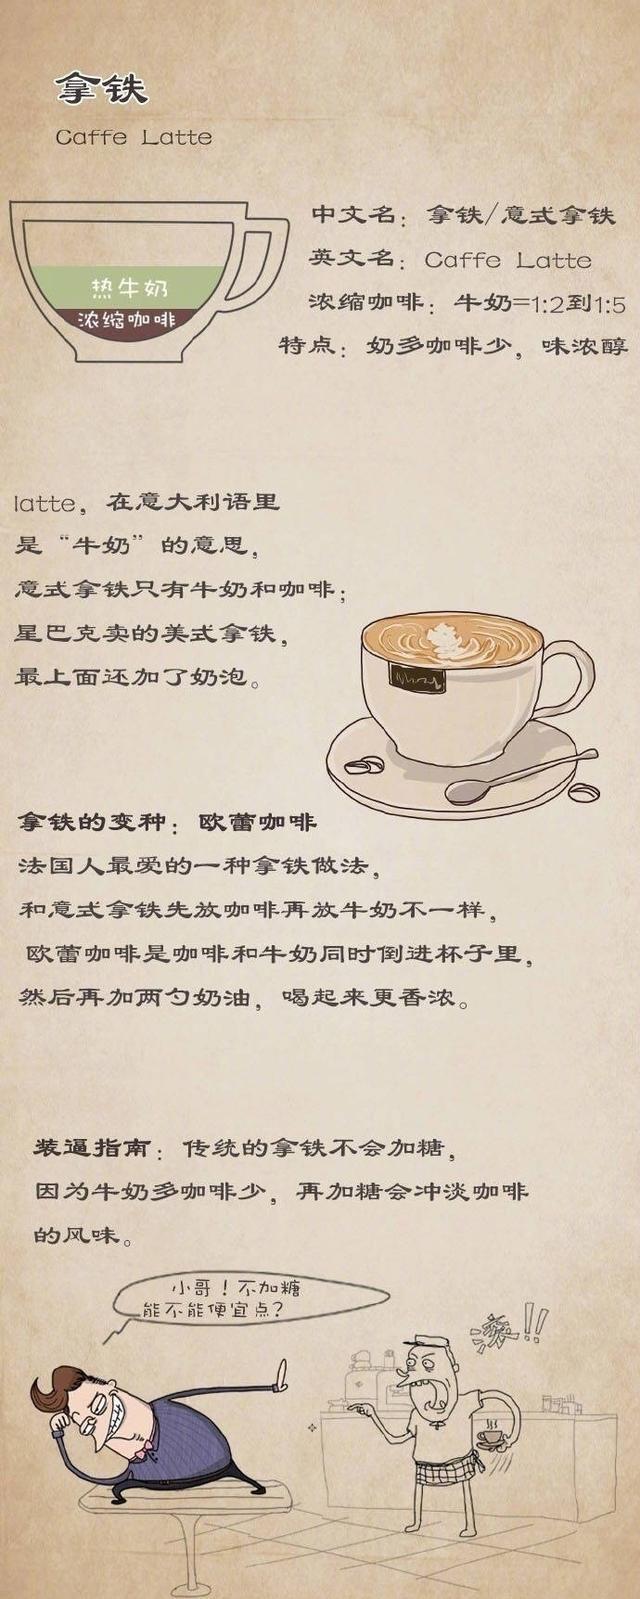 咖啡知识图片 (7).JPG